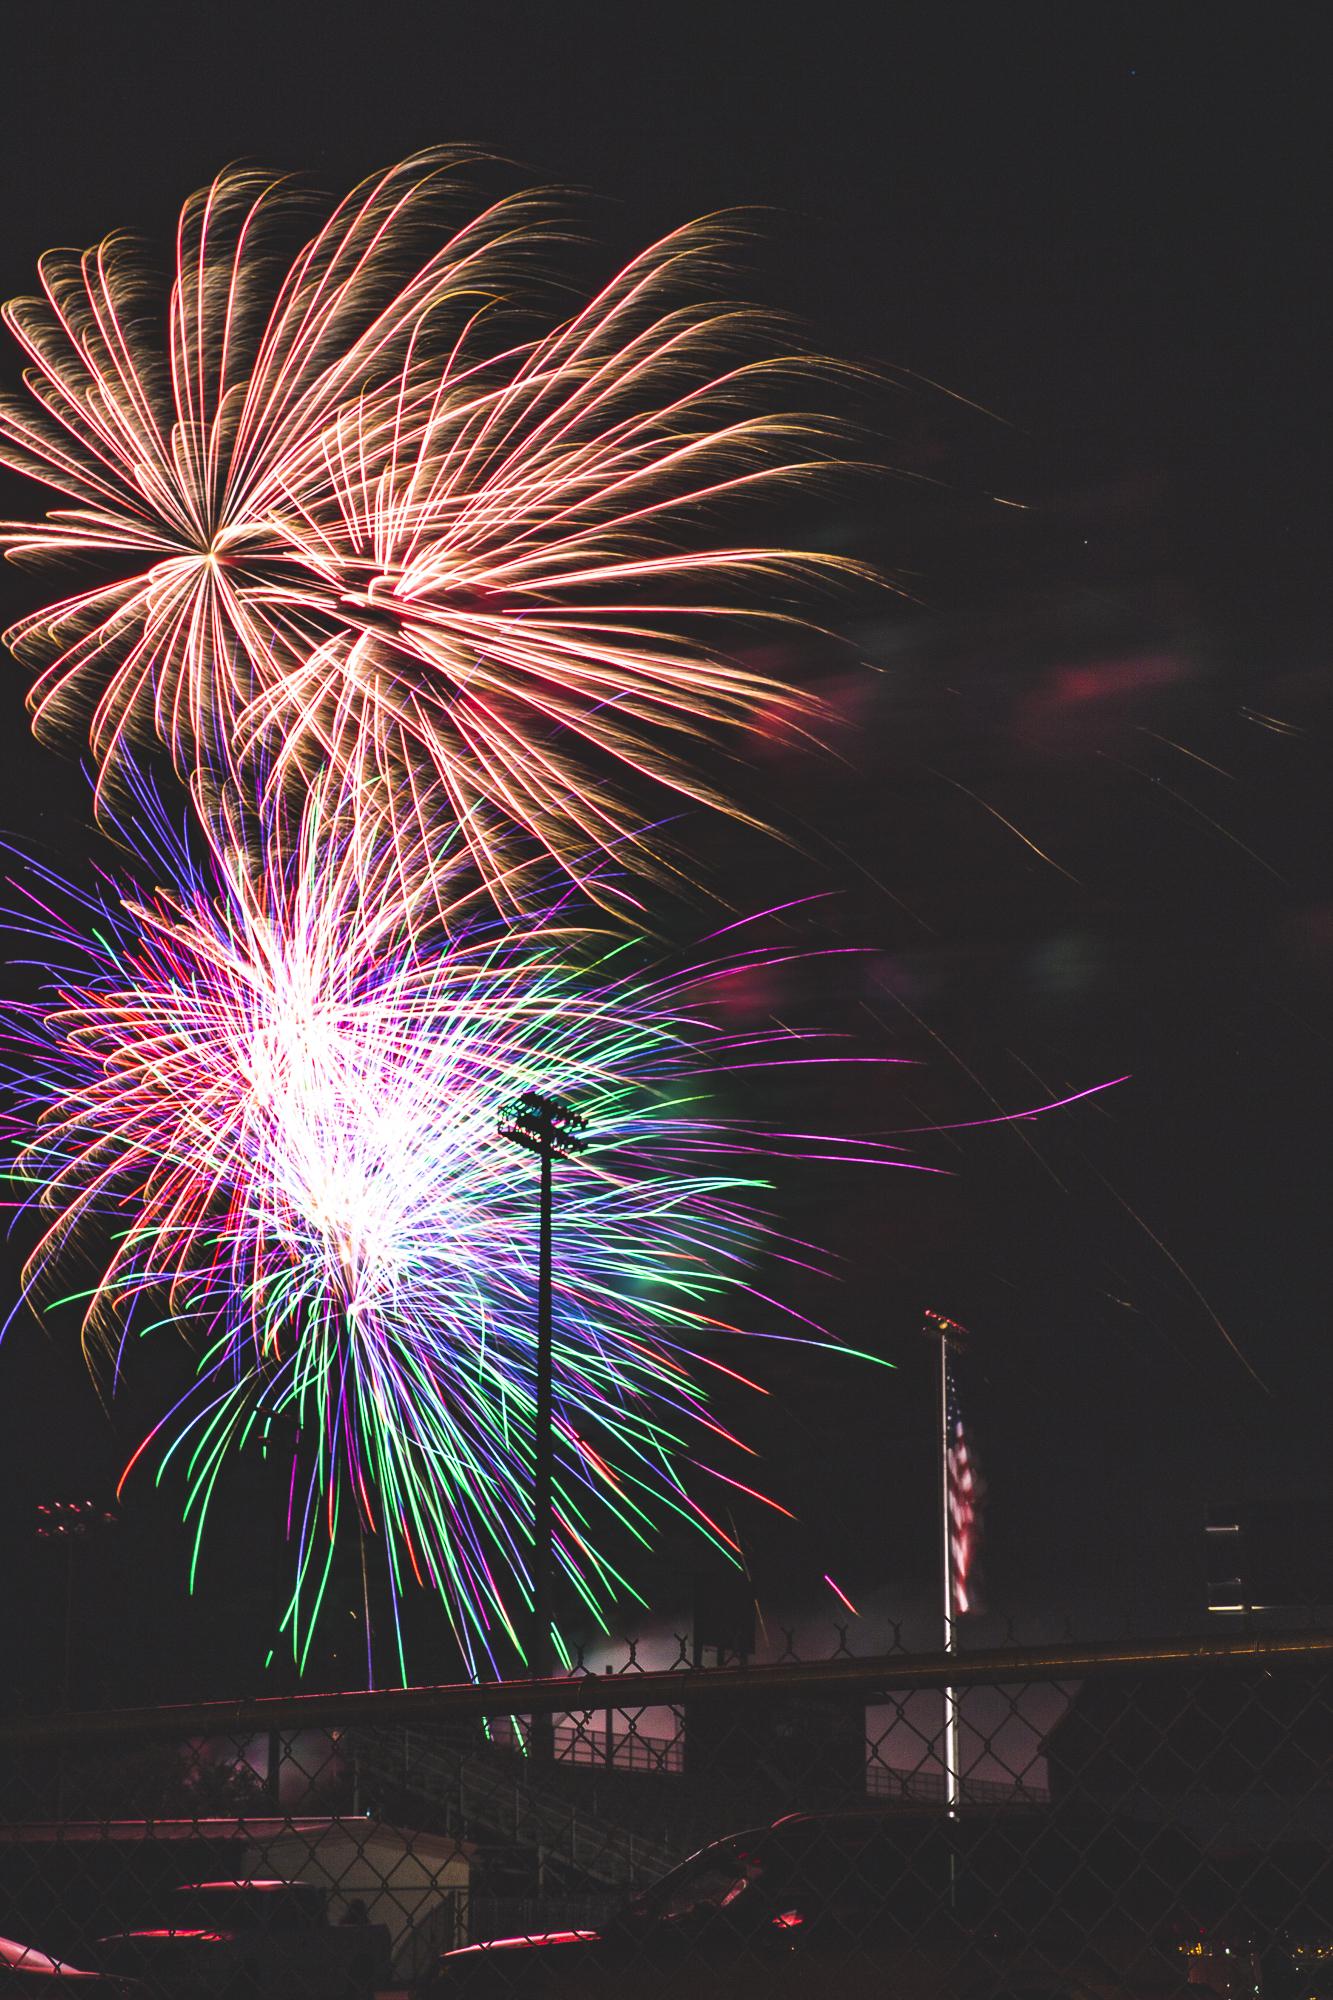 fireworks-2018-jardine-stadium-7.jpg